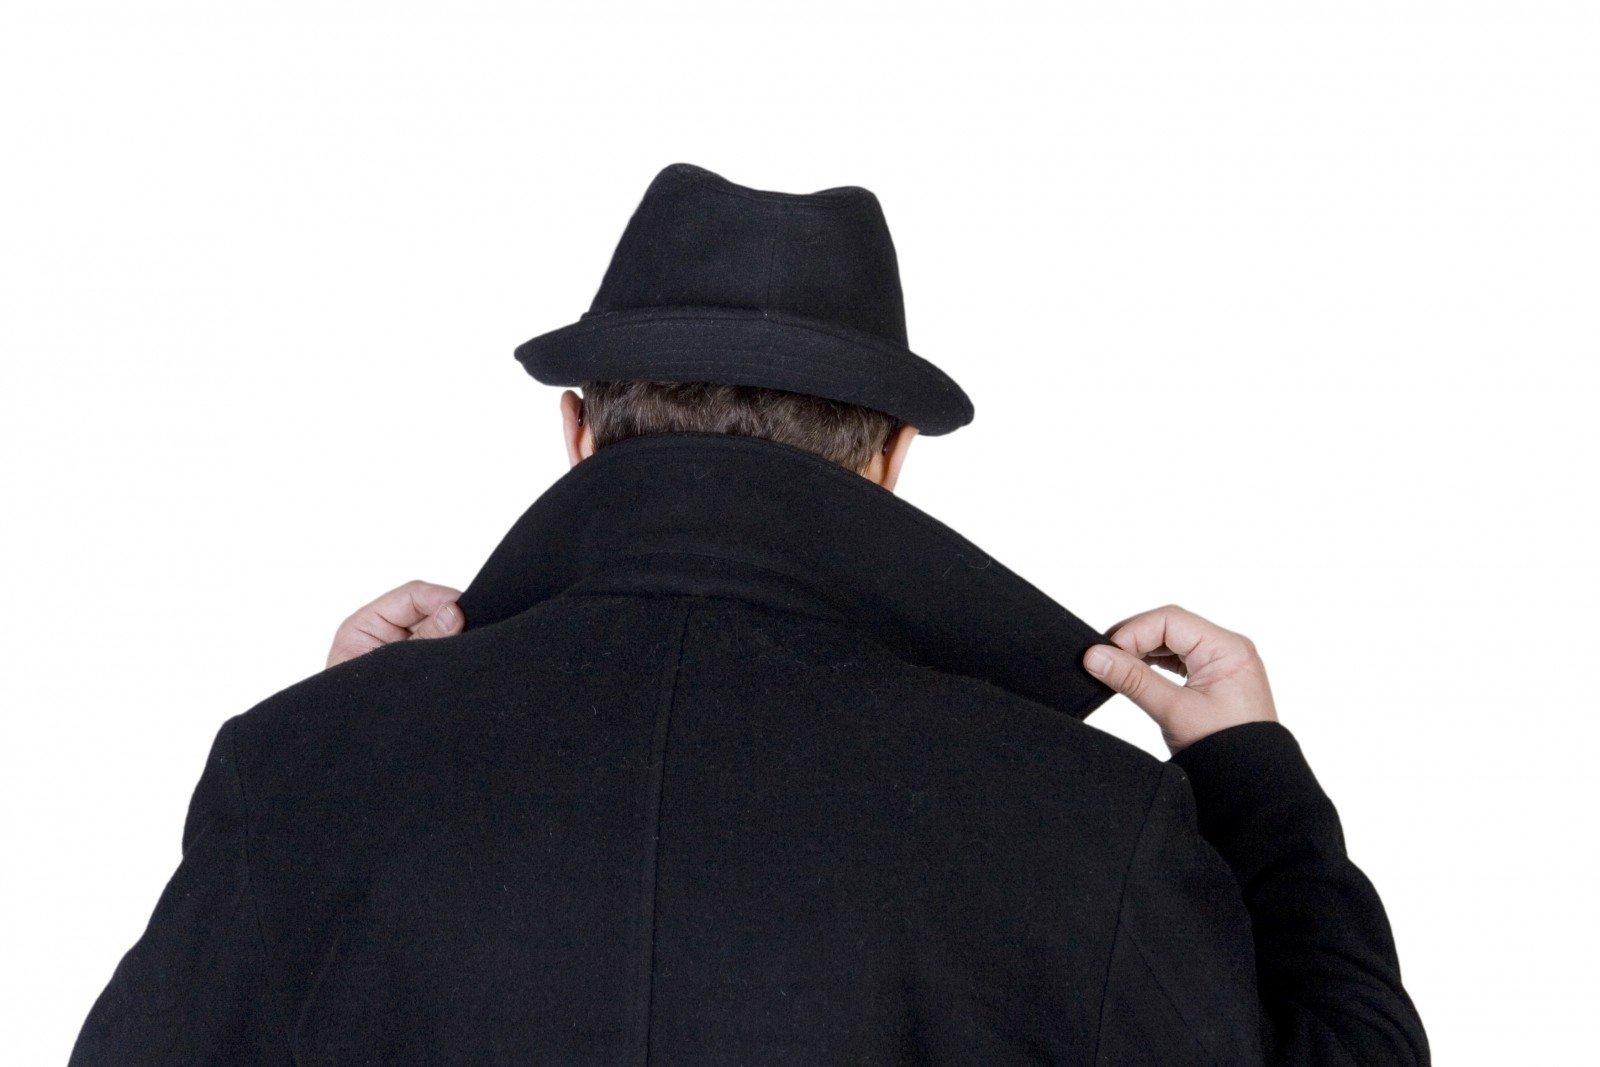 ФСБ, Литва, Филипченко, разведчик, российский шпион, суд, приговор, РФ, Россия, офицер ФСБ, Украина